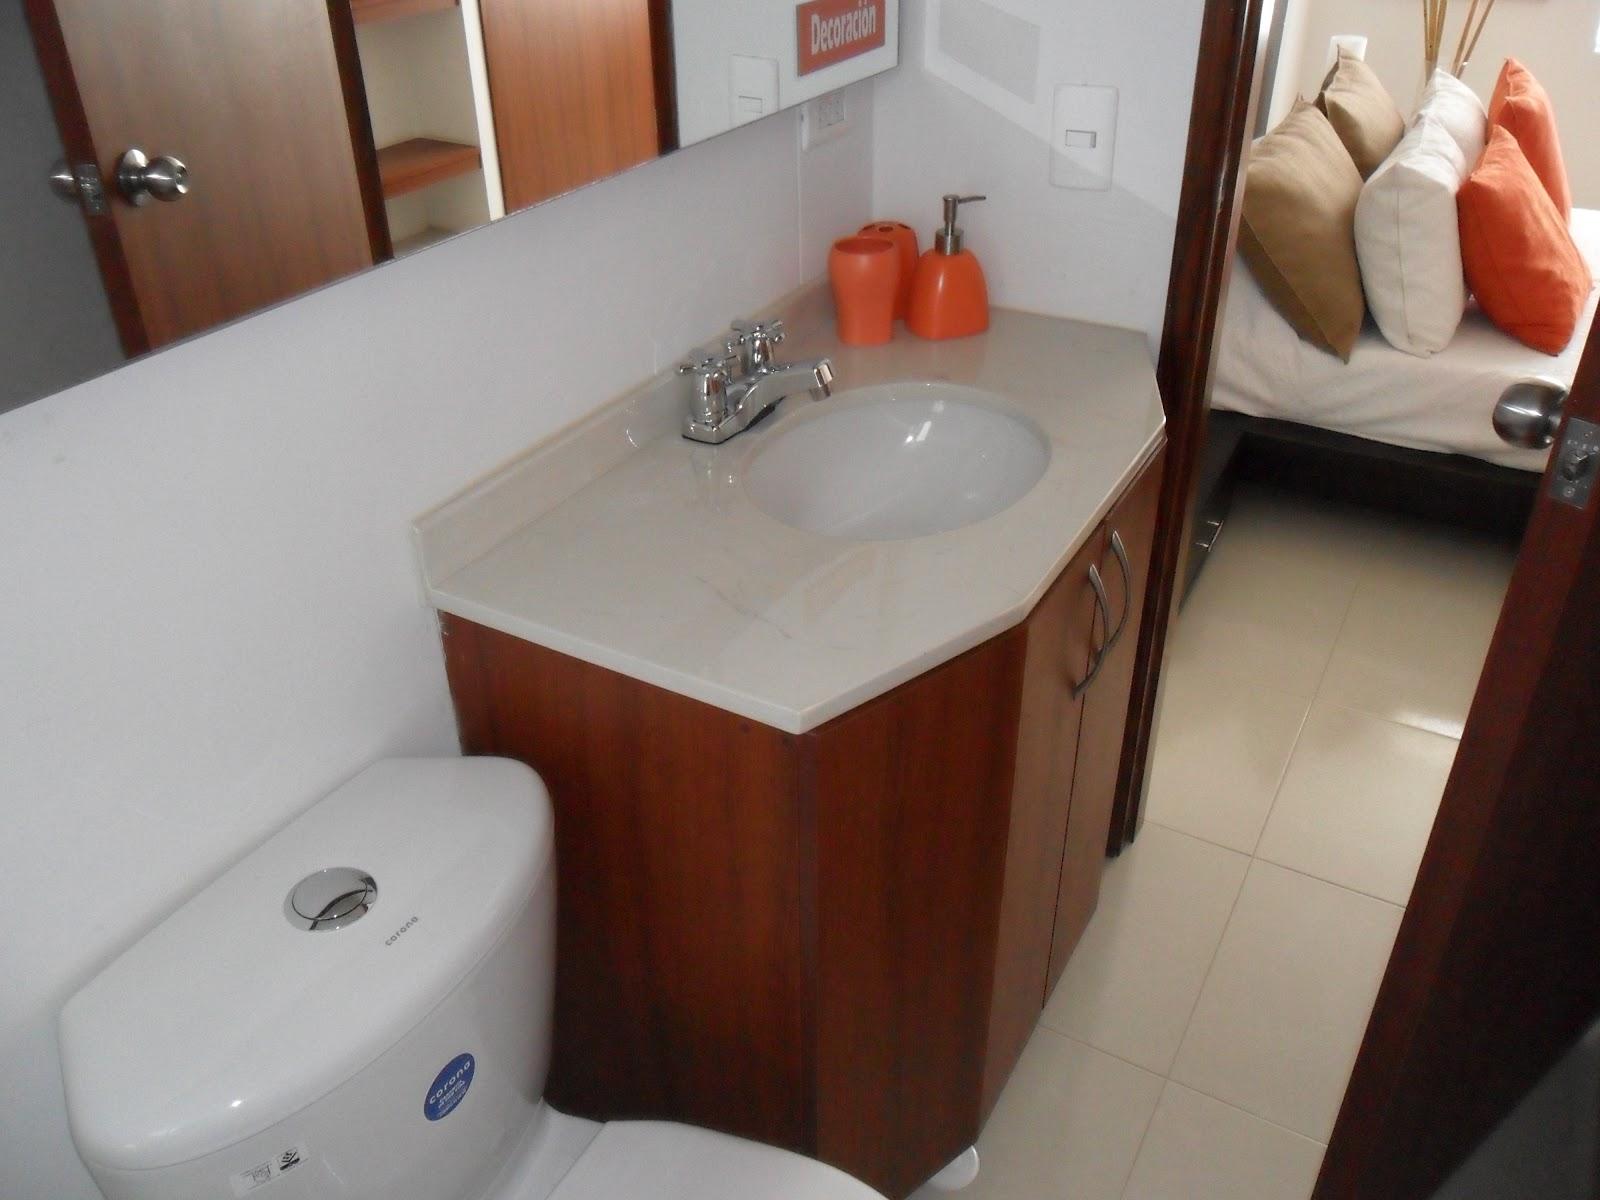 Incolfibras b b lavamanos en polim rmol - Muebles para lavamanos ...